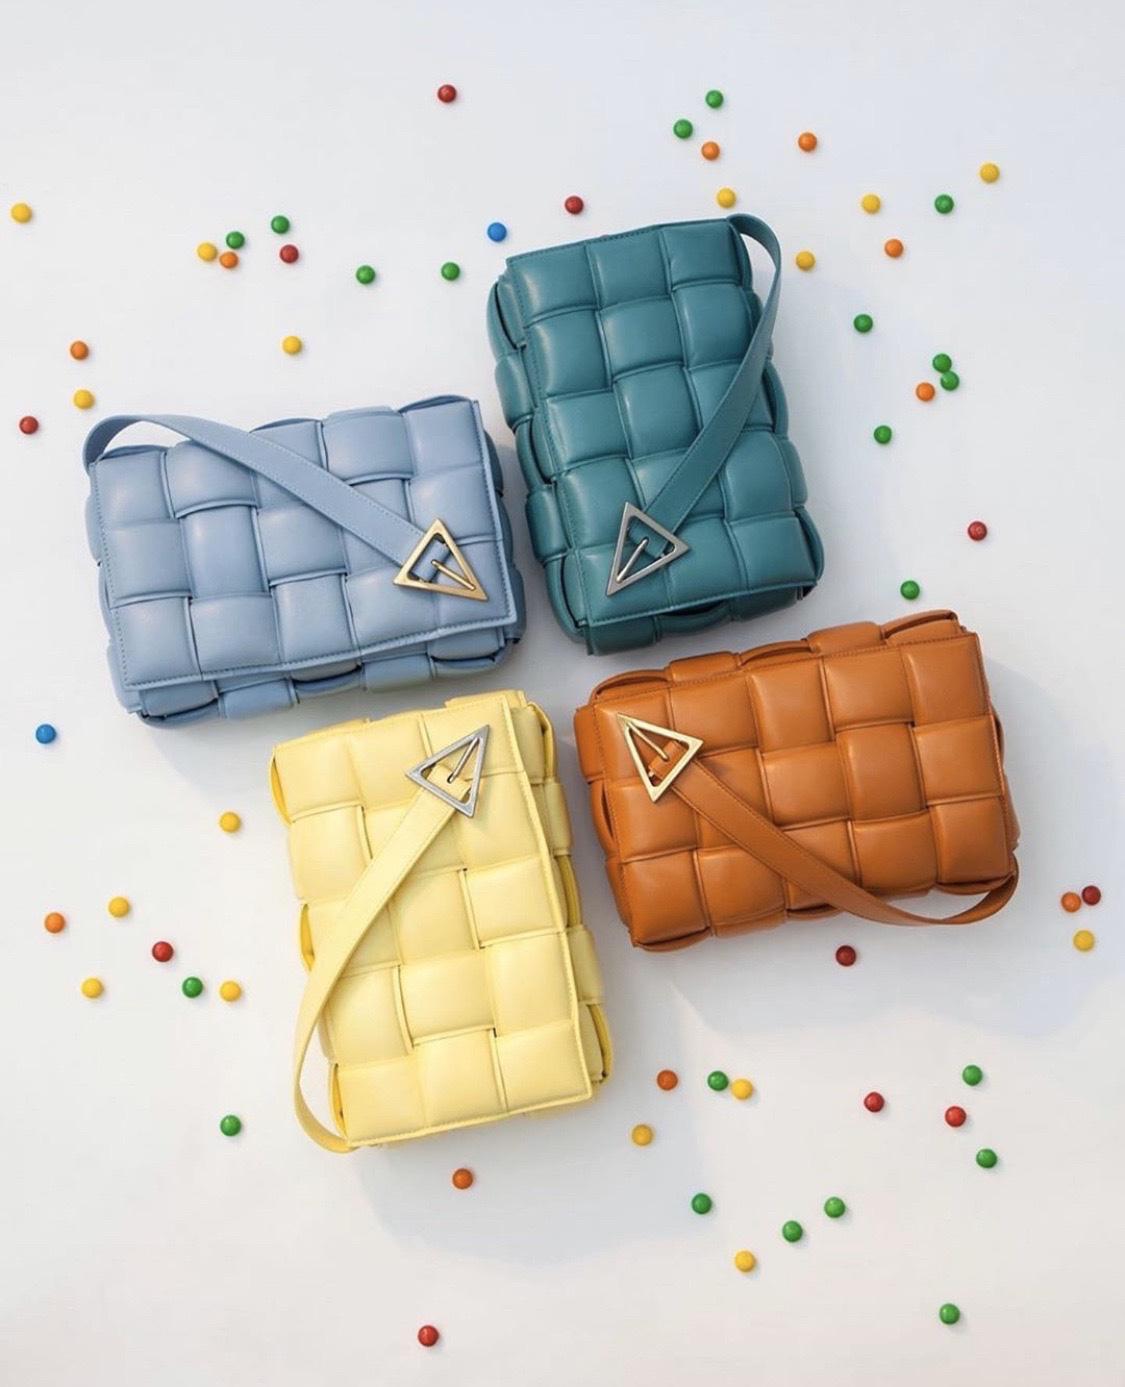 """Tạm biệt """"It Bag"""", giờ là thời của những chiếc túi Bottega Veneta không logo - Ảnh 2."""